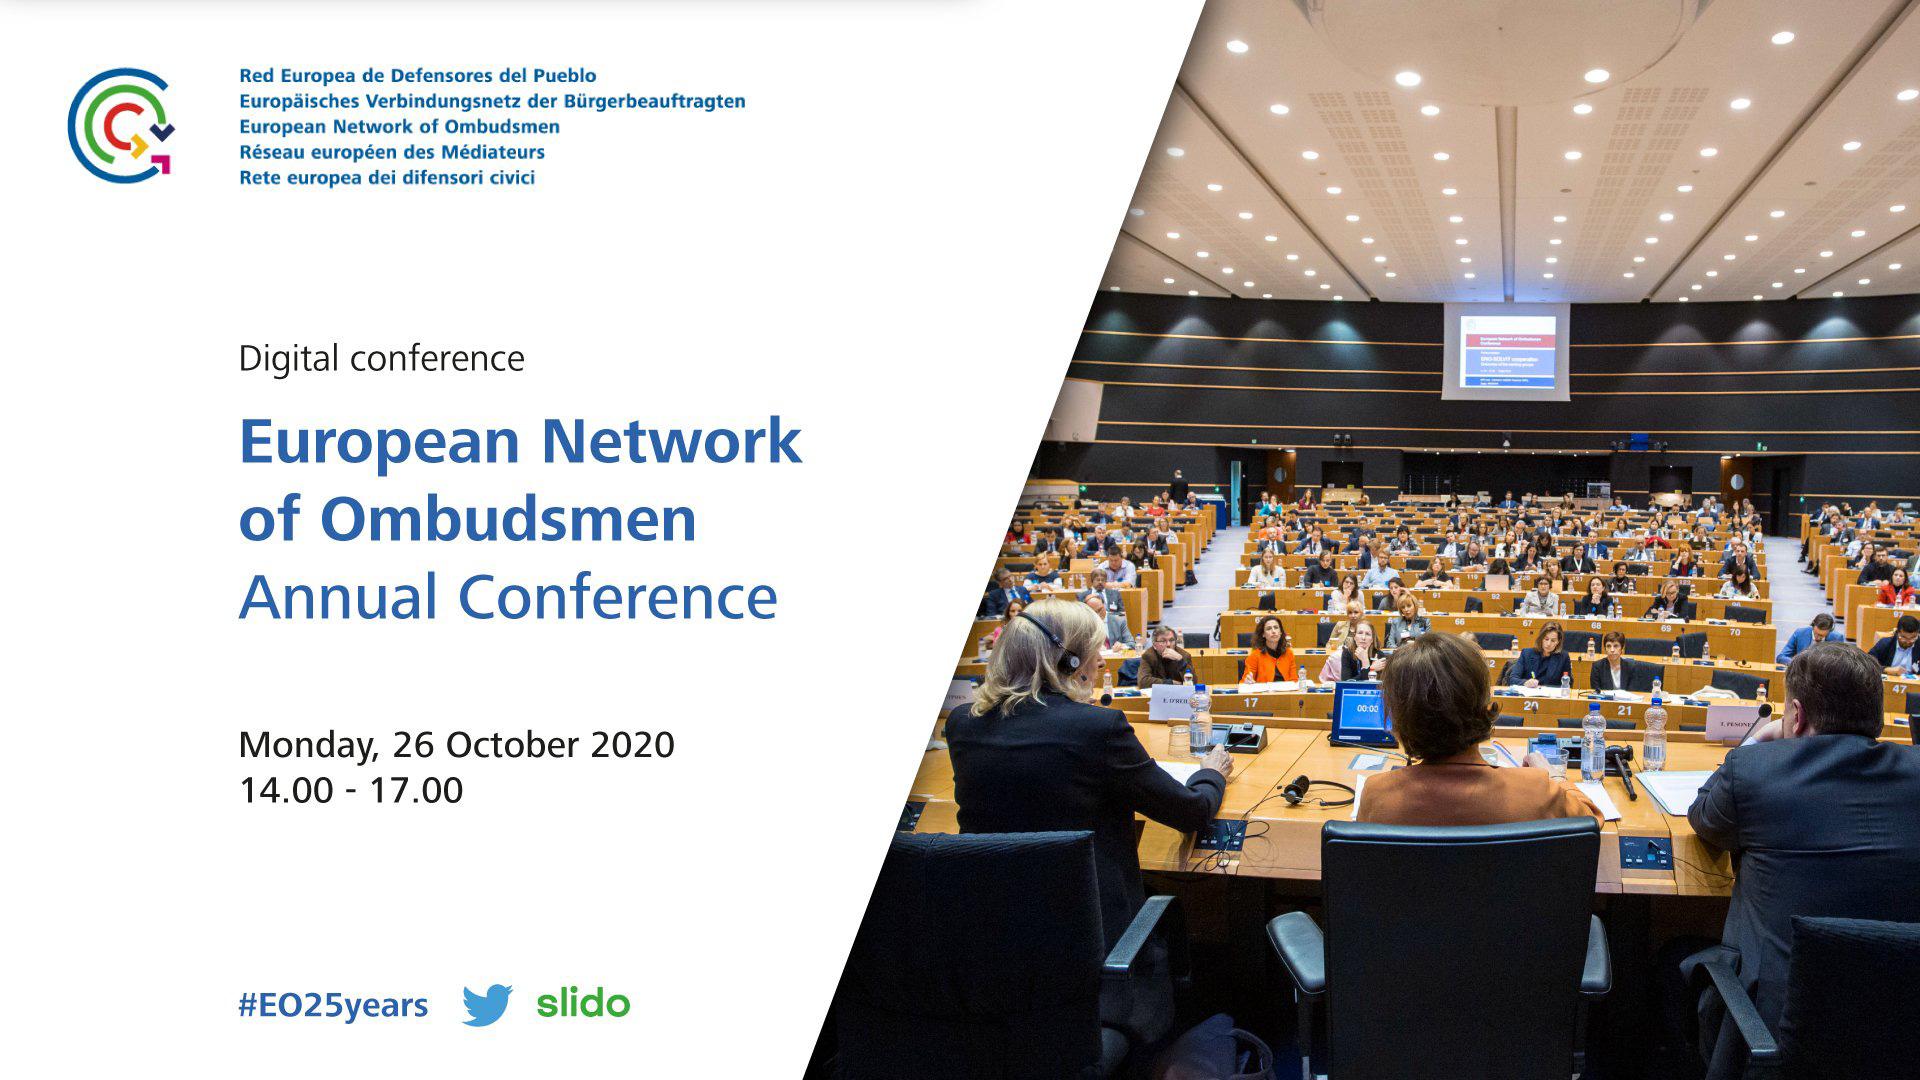 Rețeaua europeană a ombudsmanilor